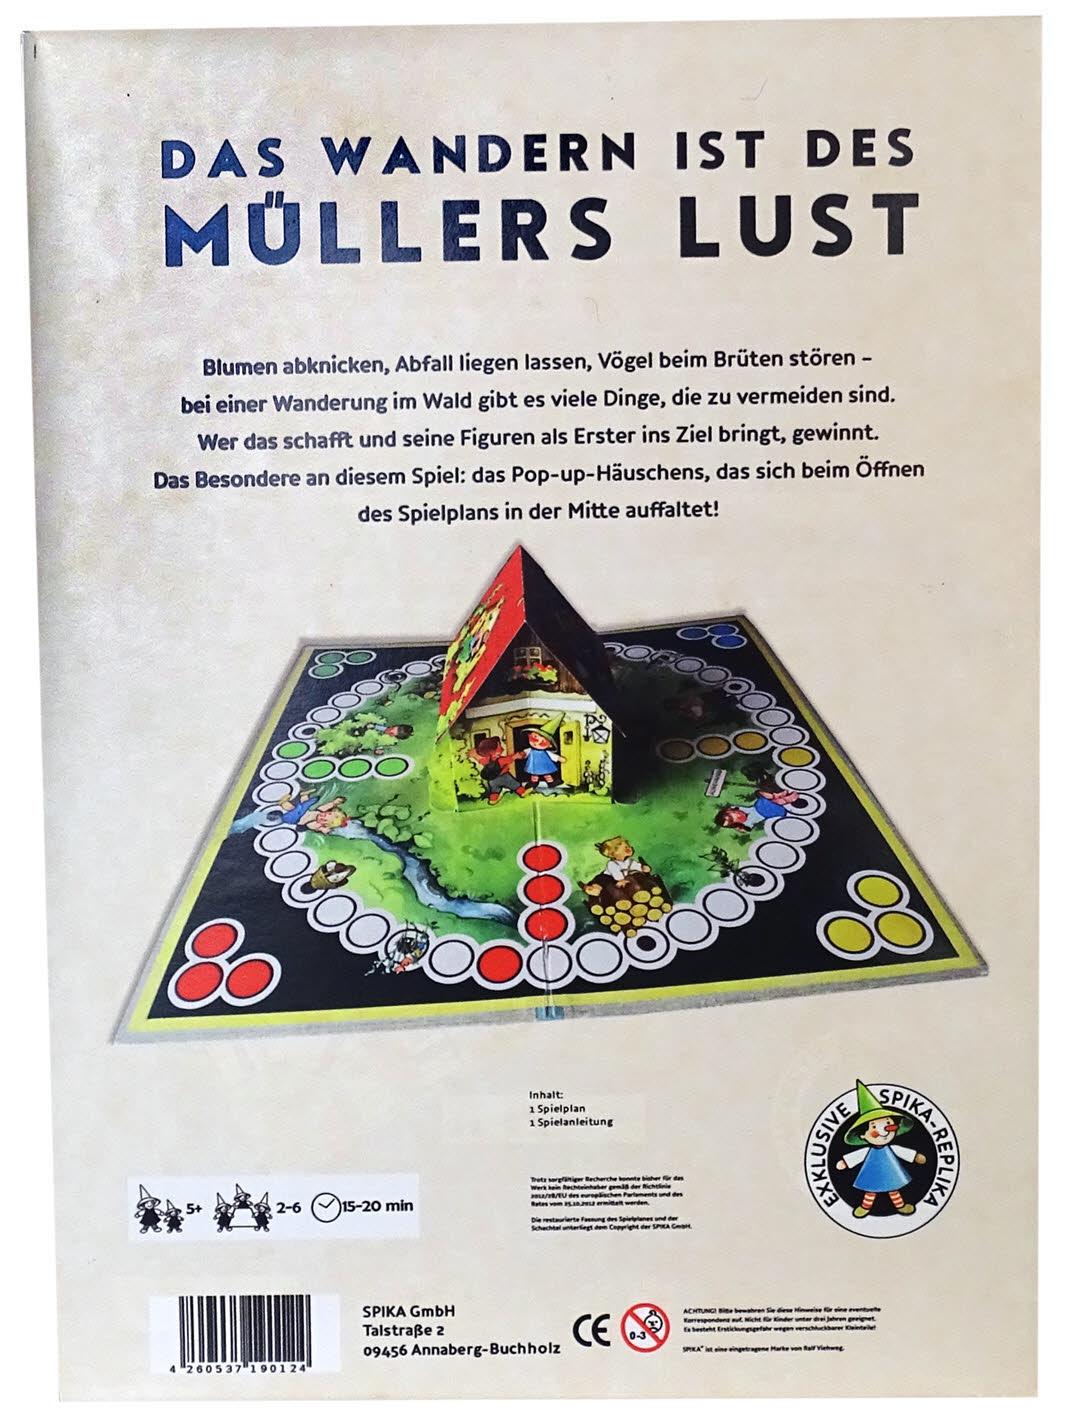 Das Wandern ist des Müllers Lust